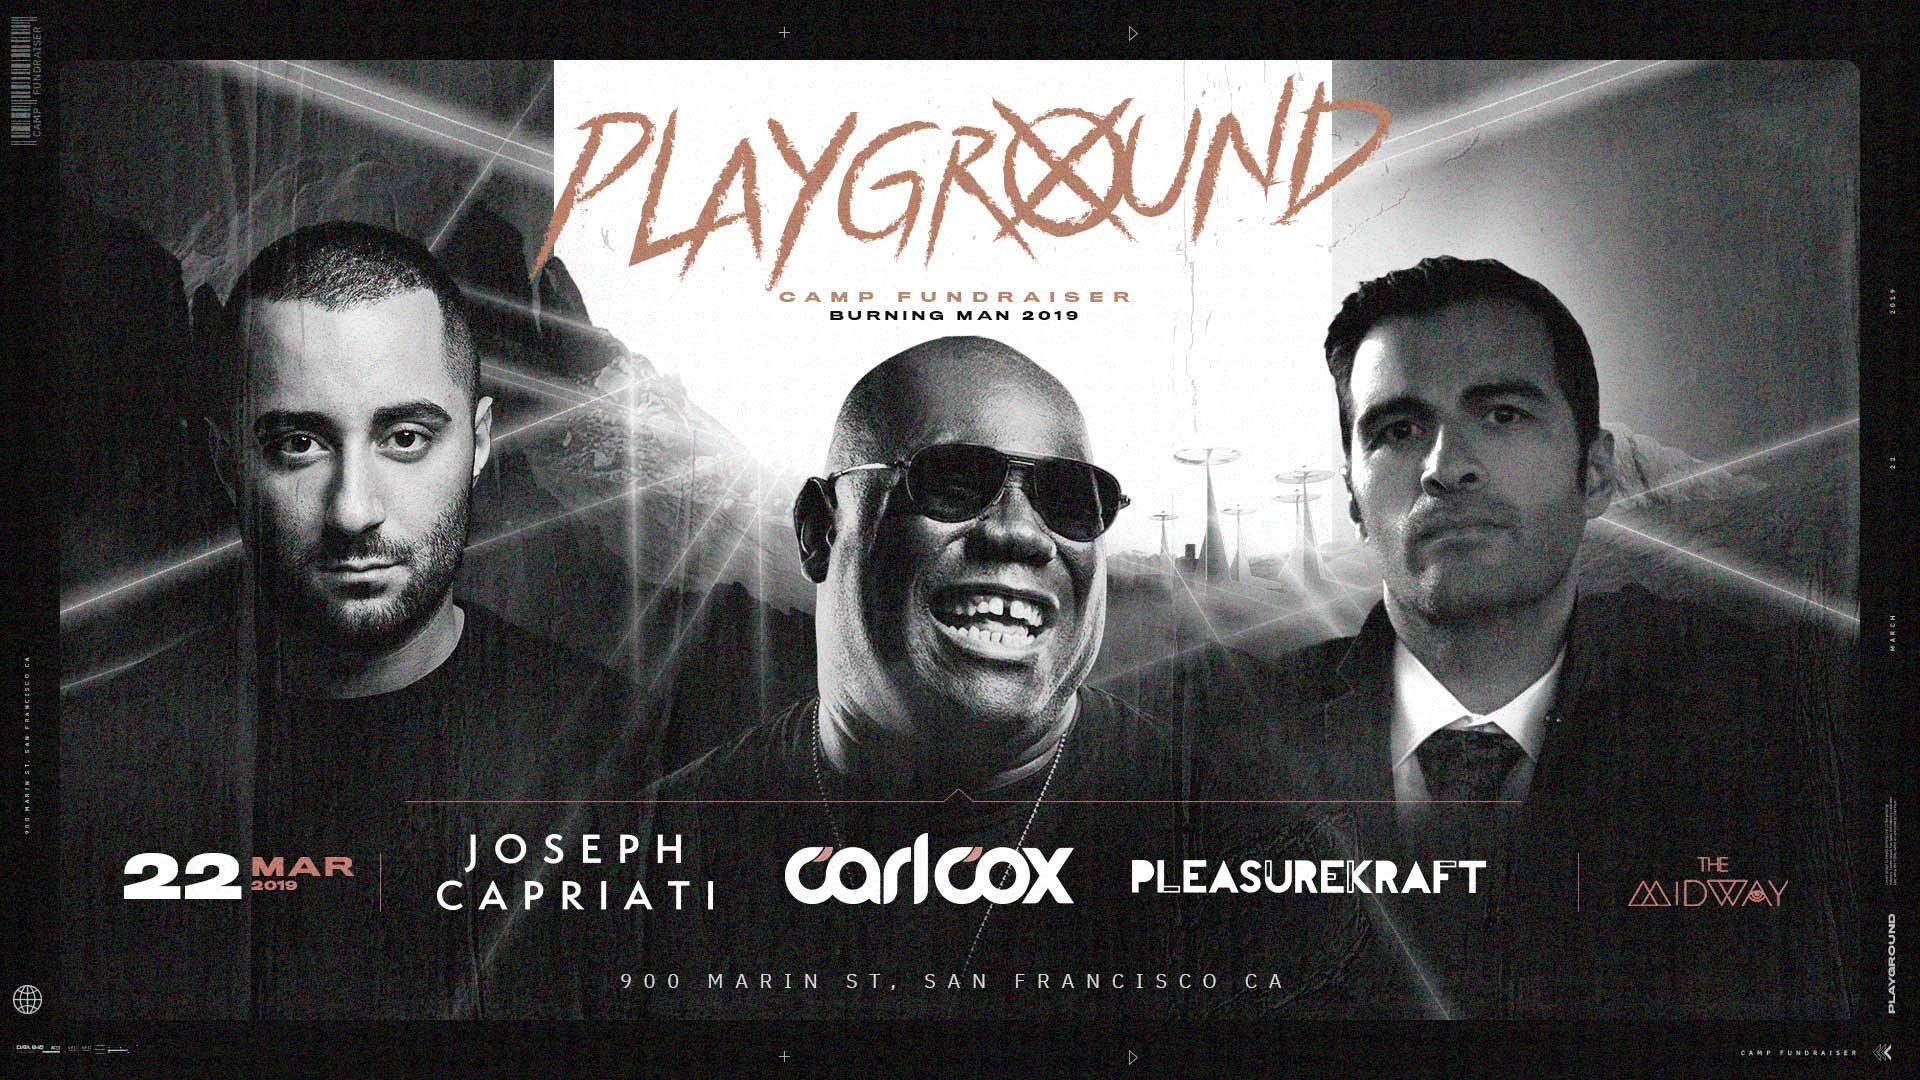 Playground Fundraiser 2019 Flyer